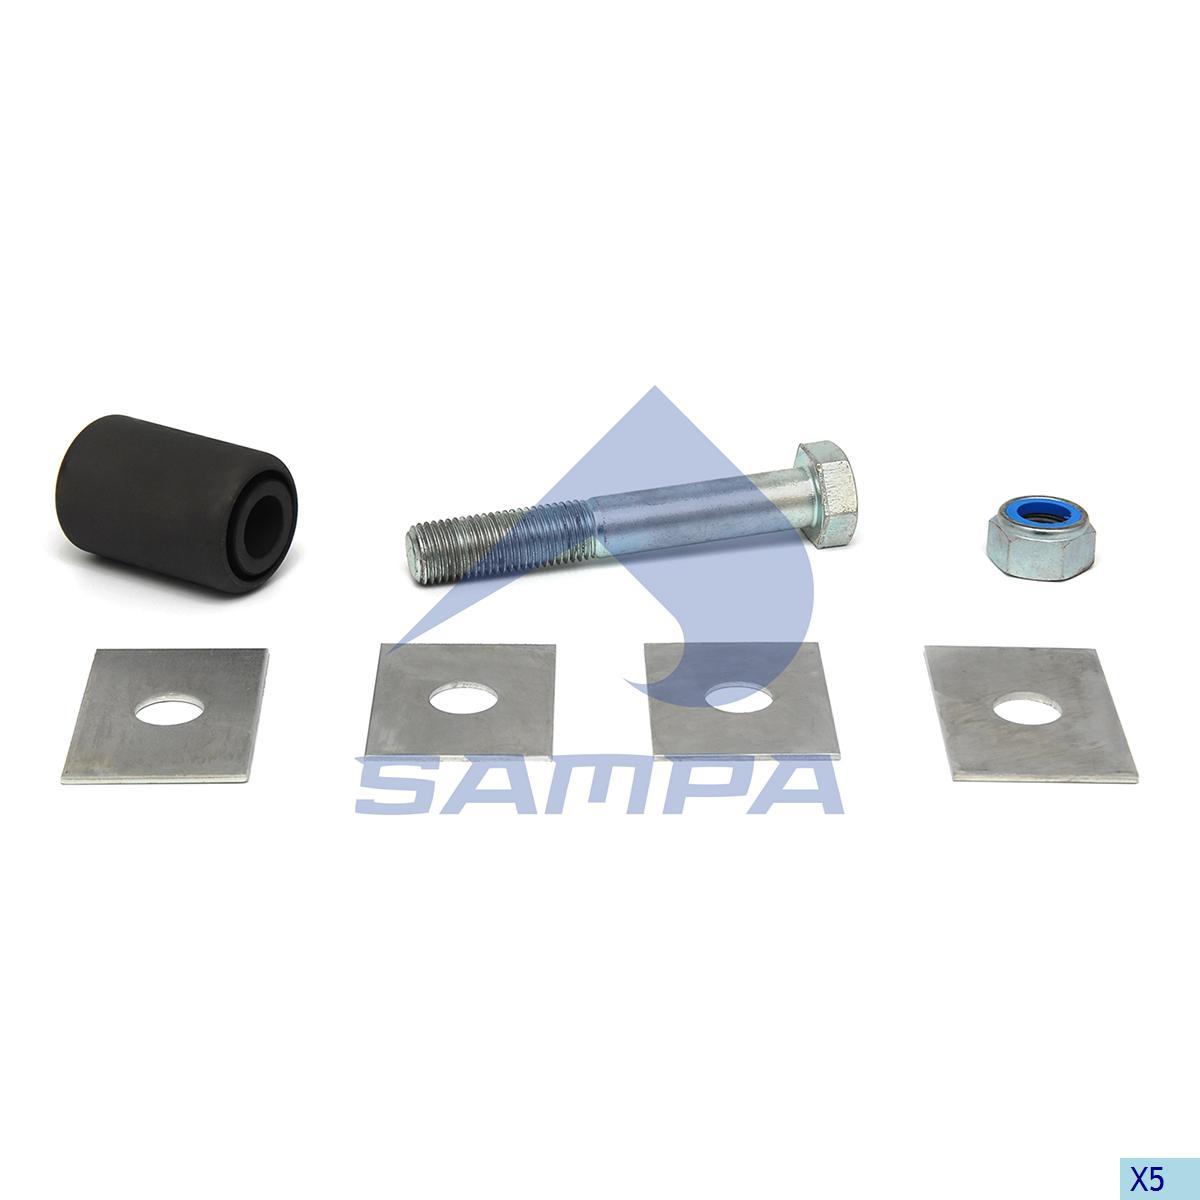 Repair Kit, Spring, Trailor, Suspension